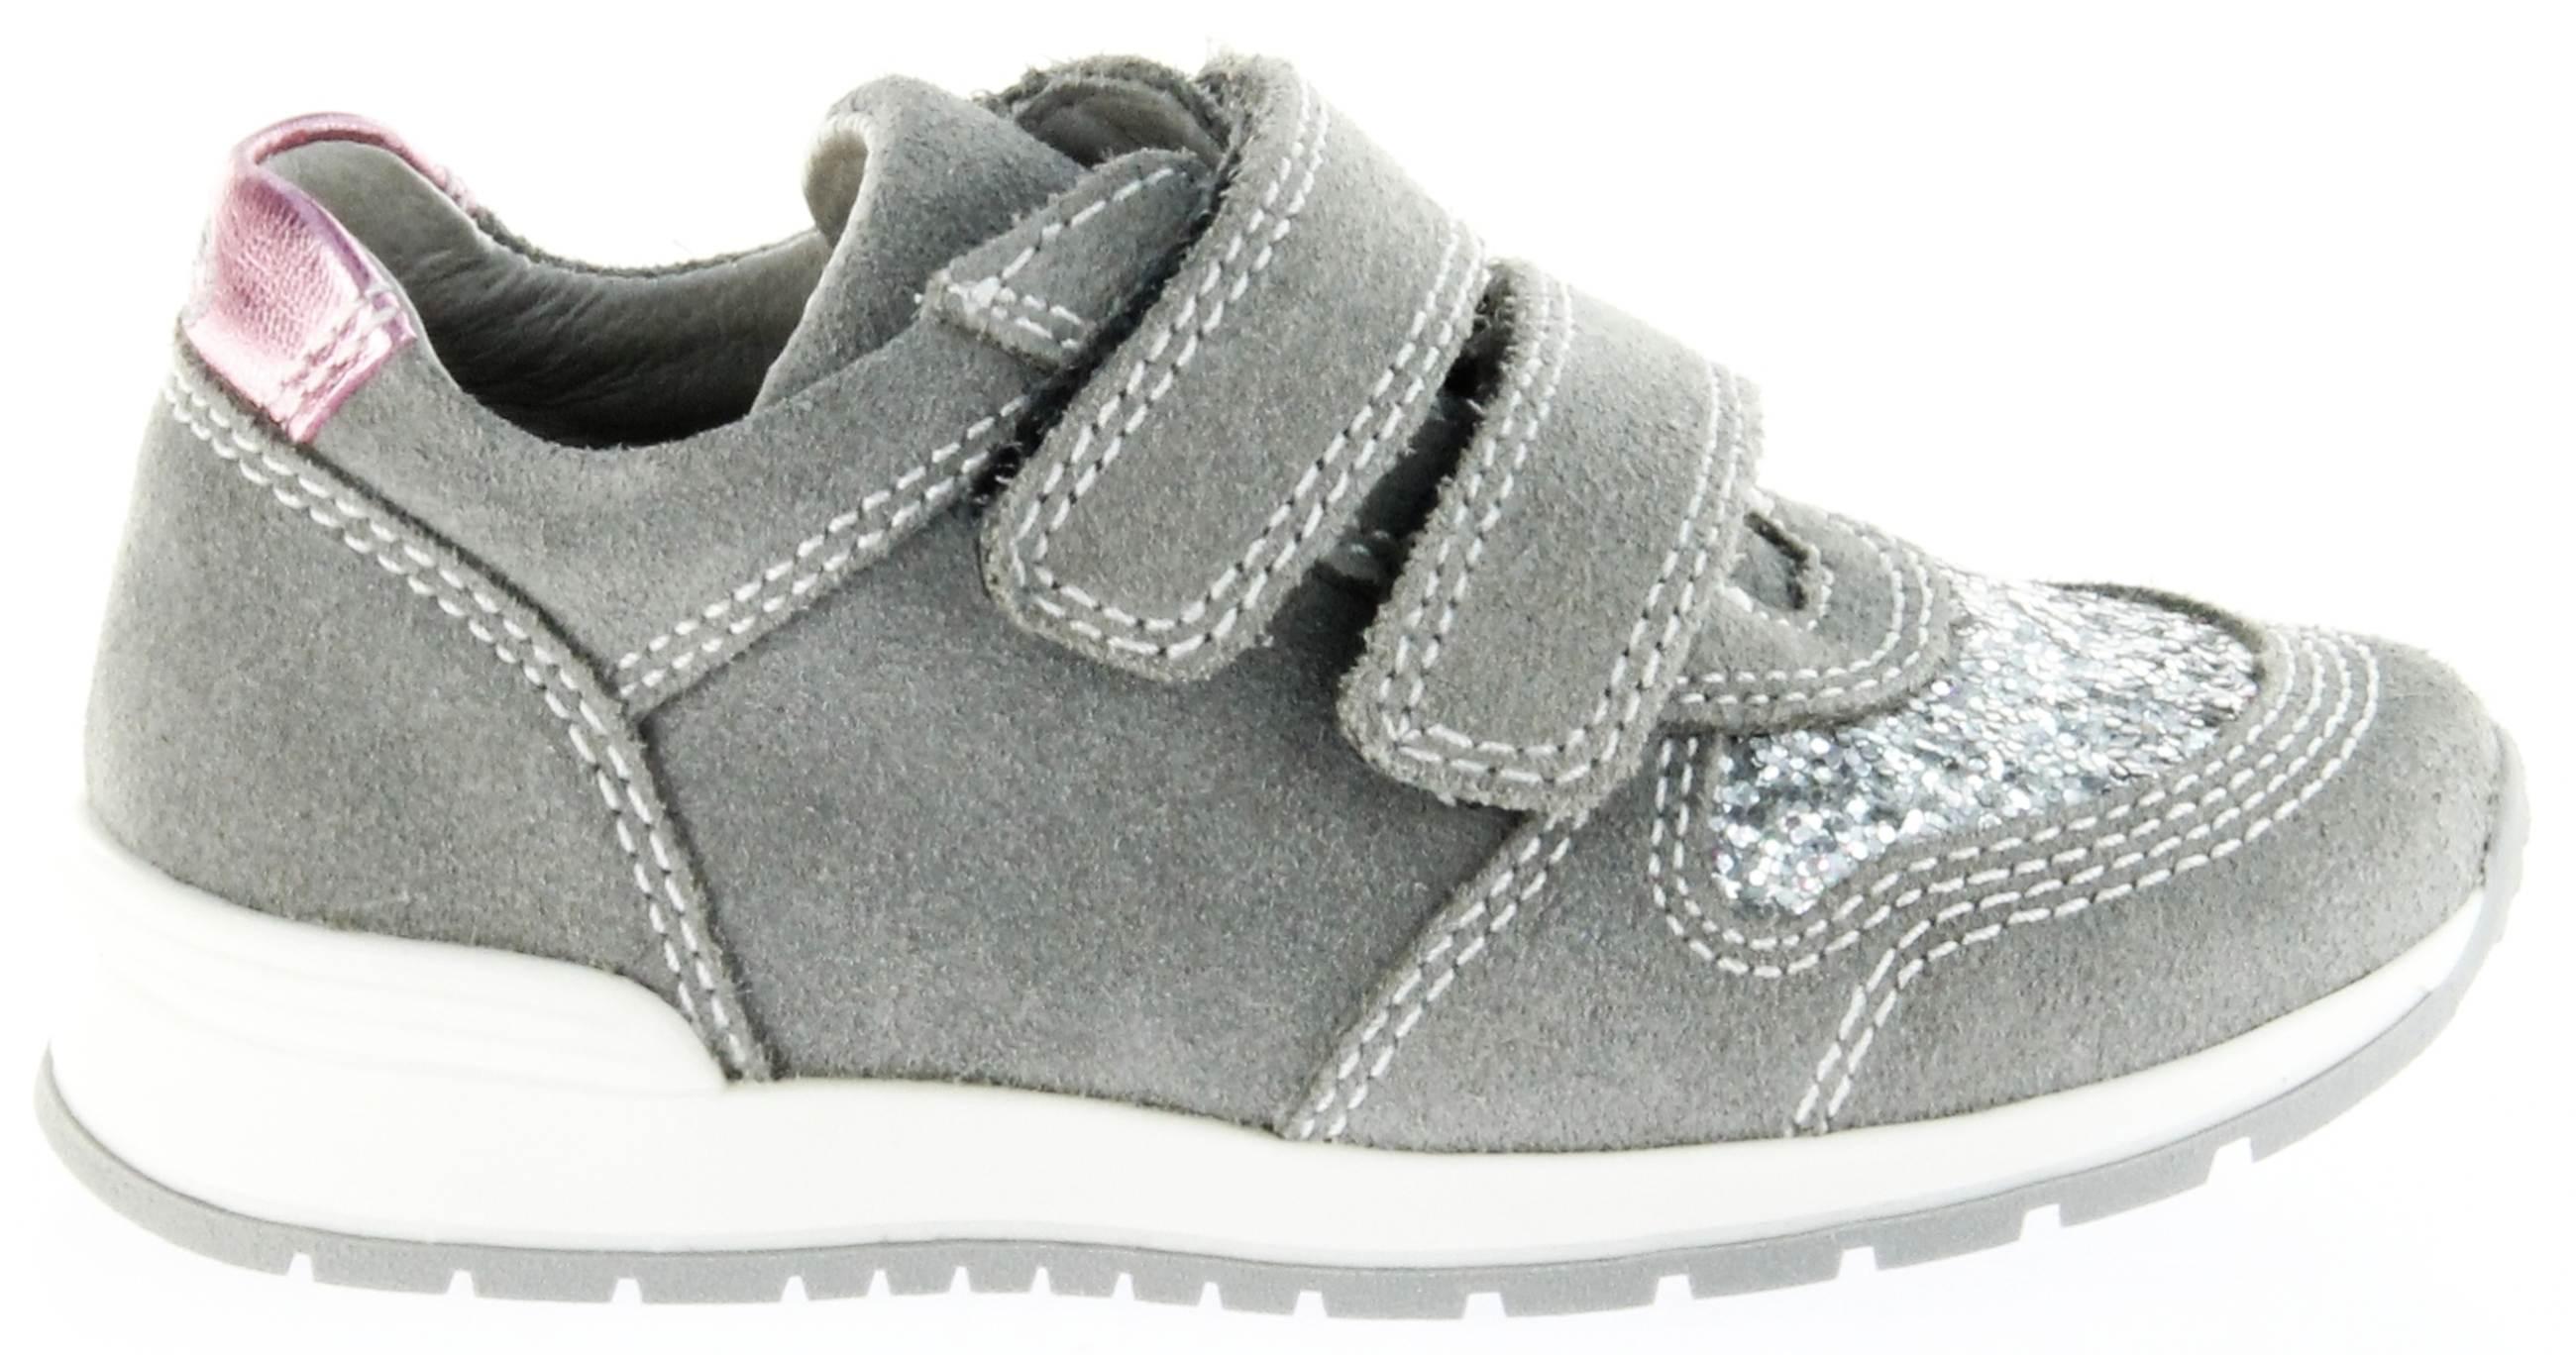 Richter Kinder Halbschuhe Sneaker grau Leder Mädchen Schuhe 3331 141 6101 rock Volley